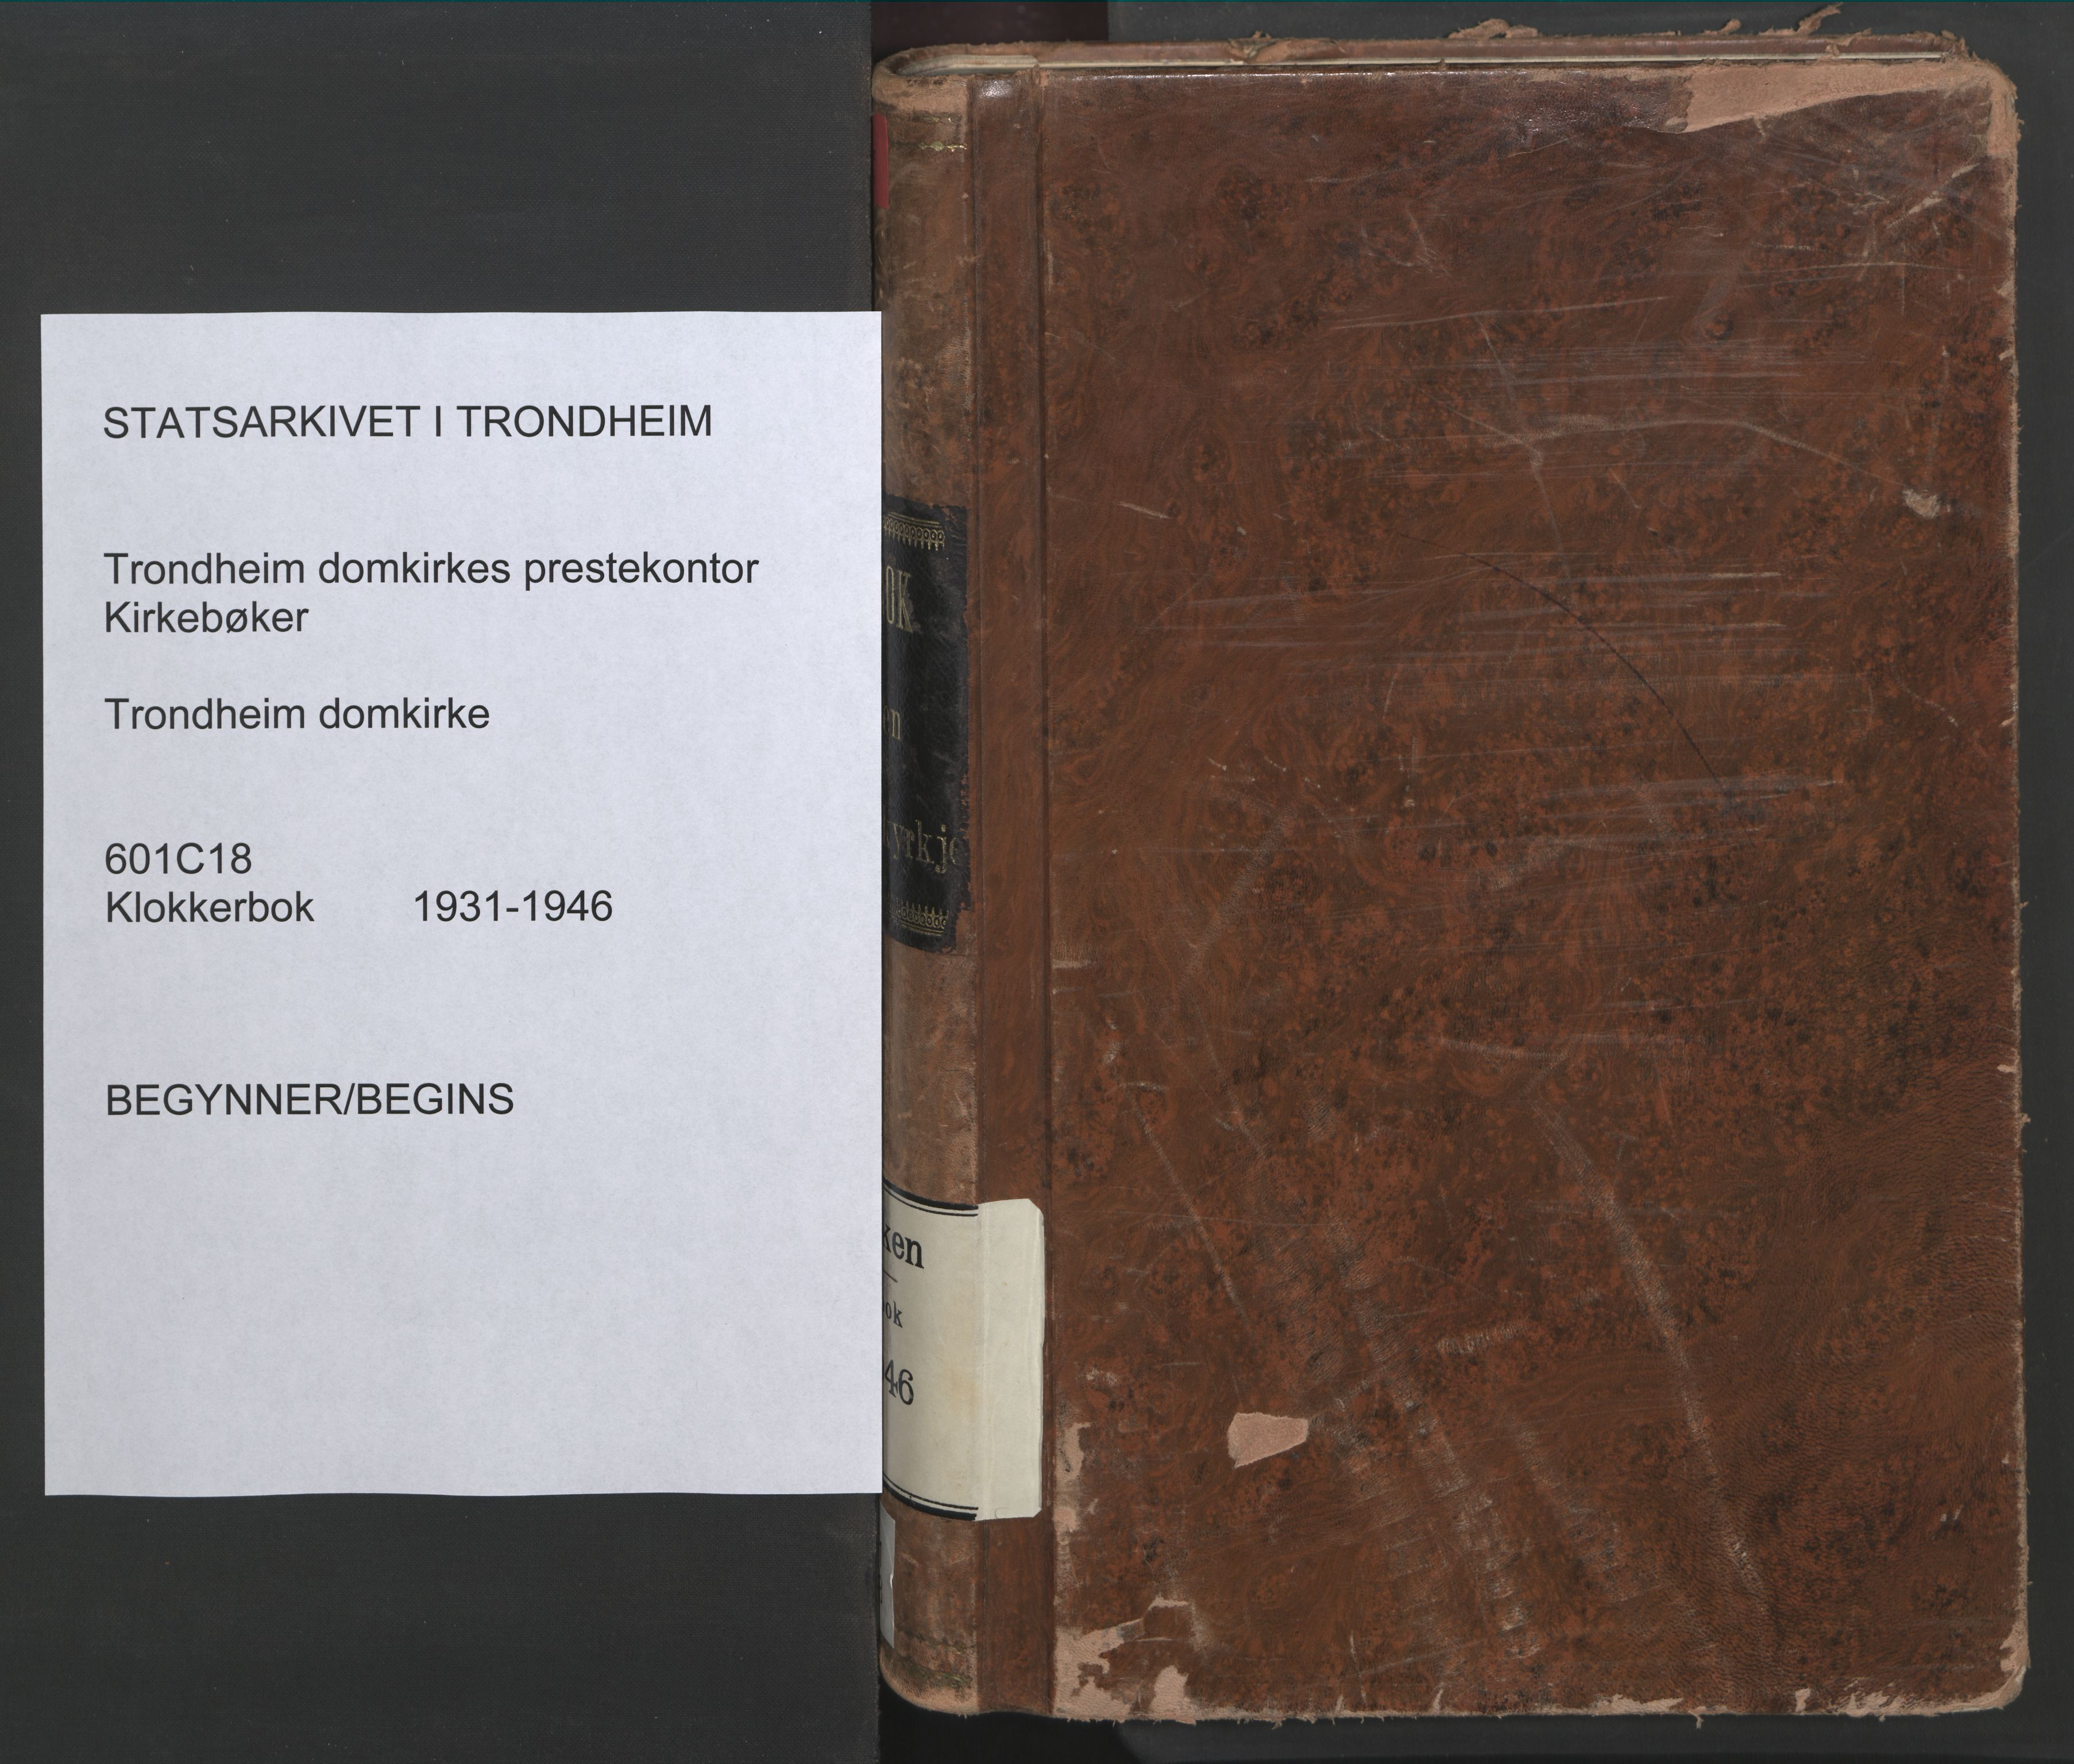 SAT, Ministerialprotokoller, klokkerbøker og fødselsregistre - Sør-Trøndelag, 601/L0100: Klokkerbok nr. 601C18, 1931-1946